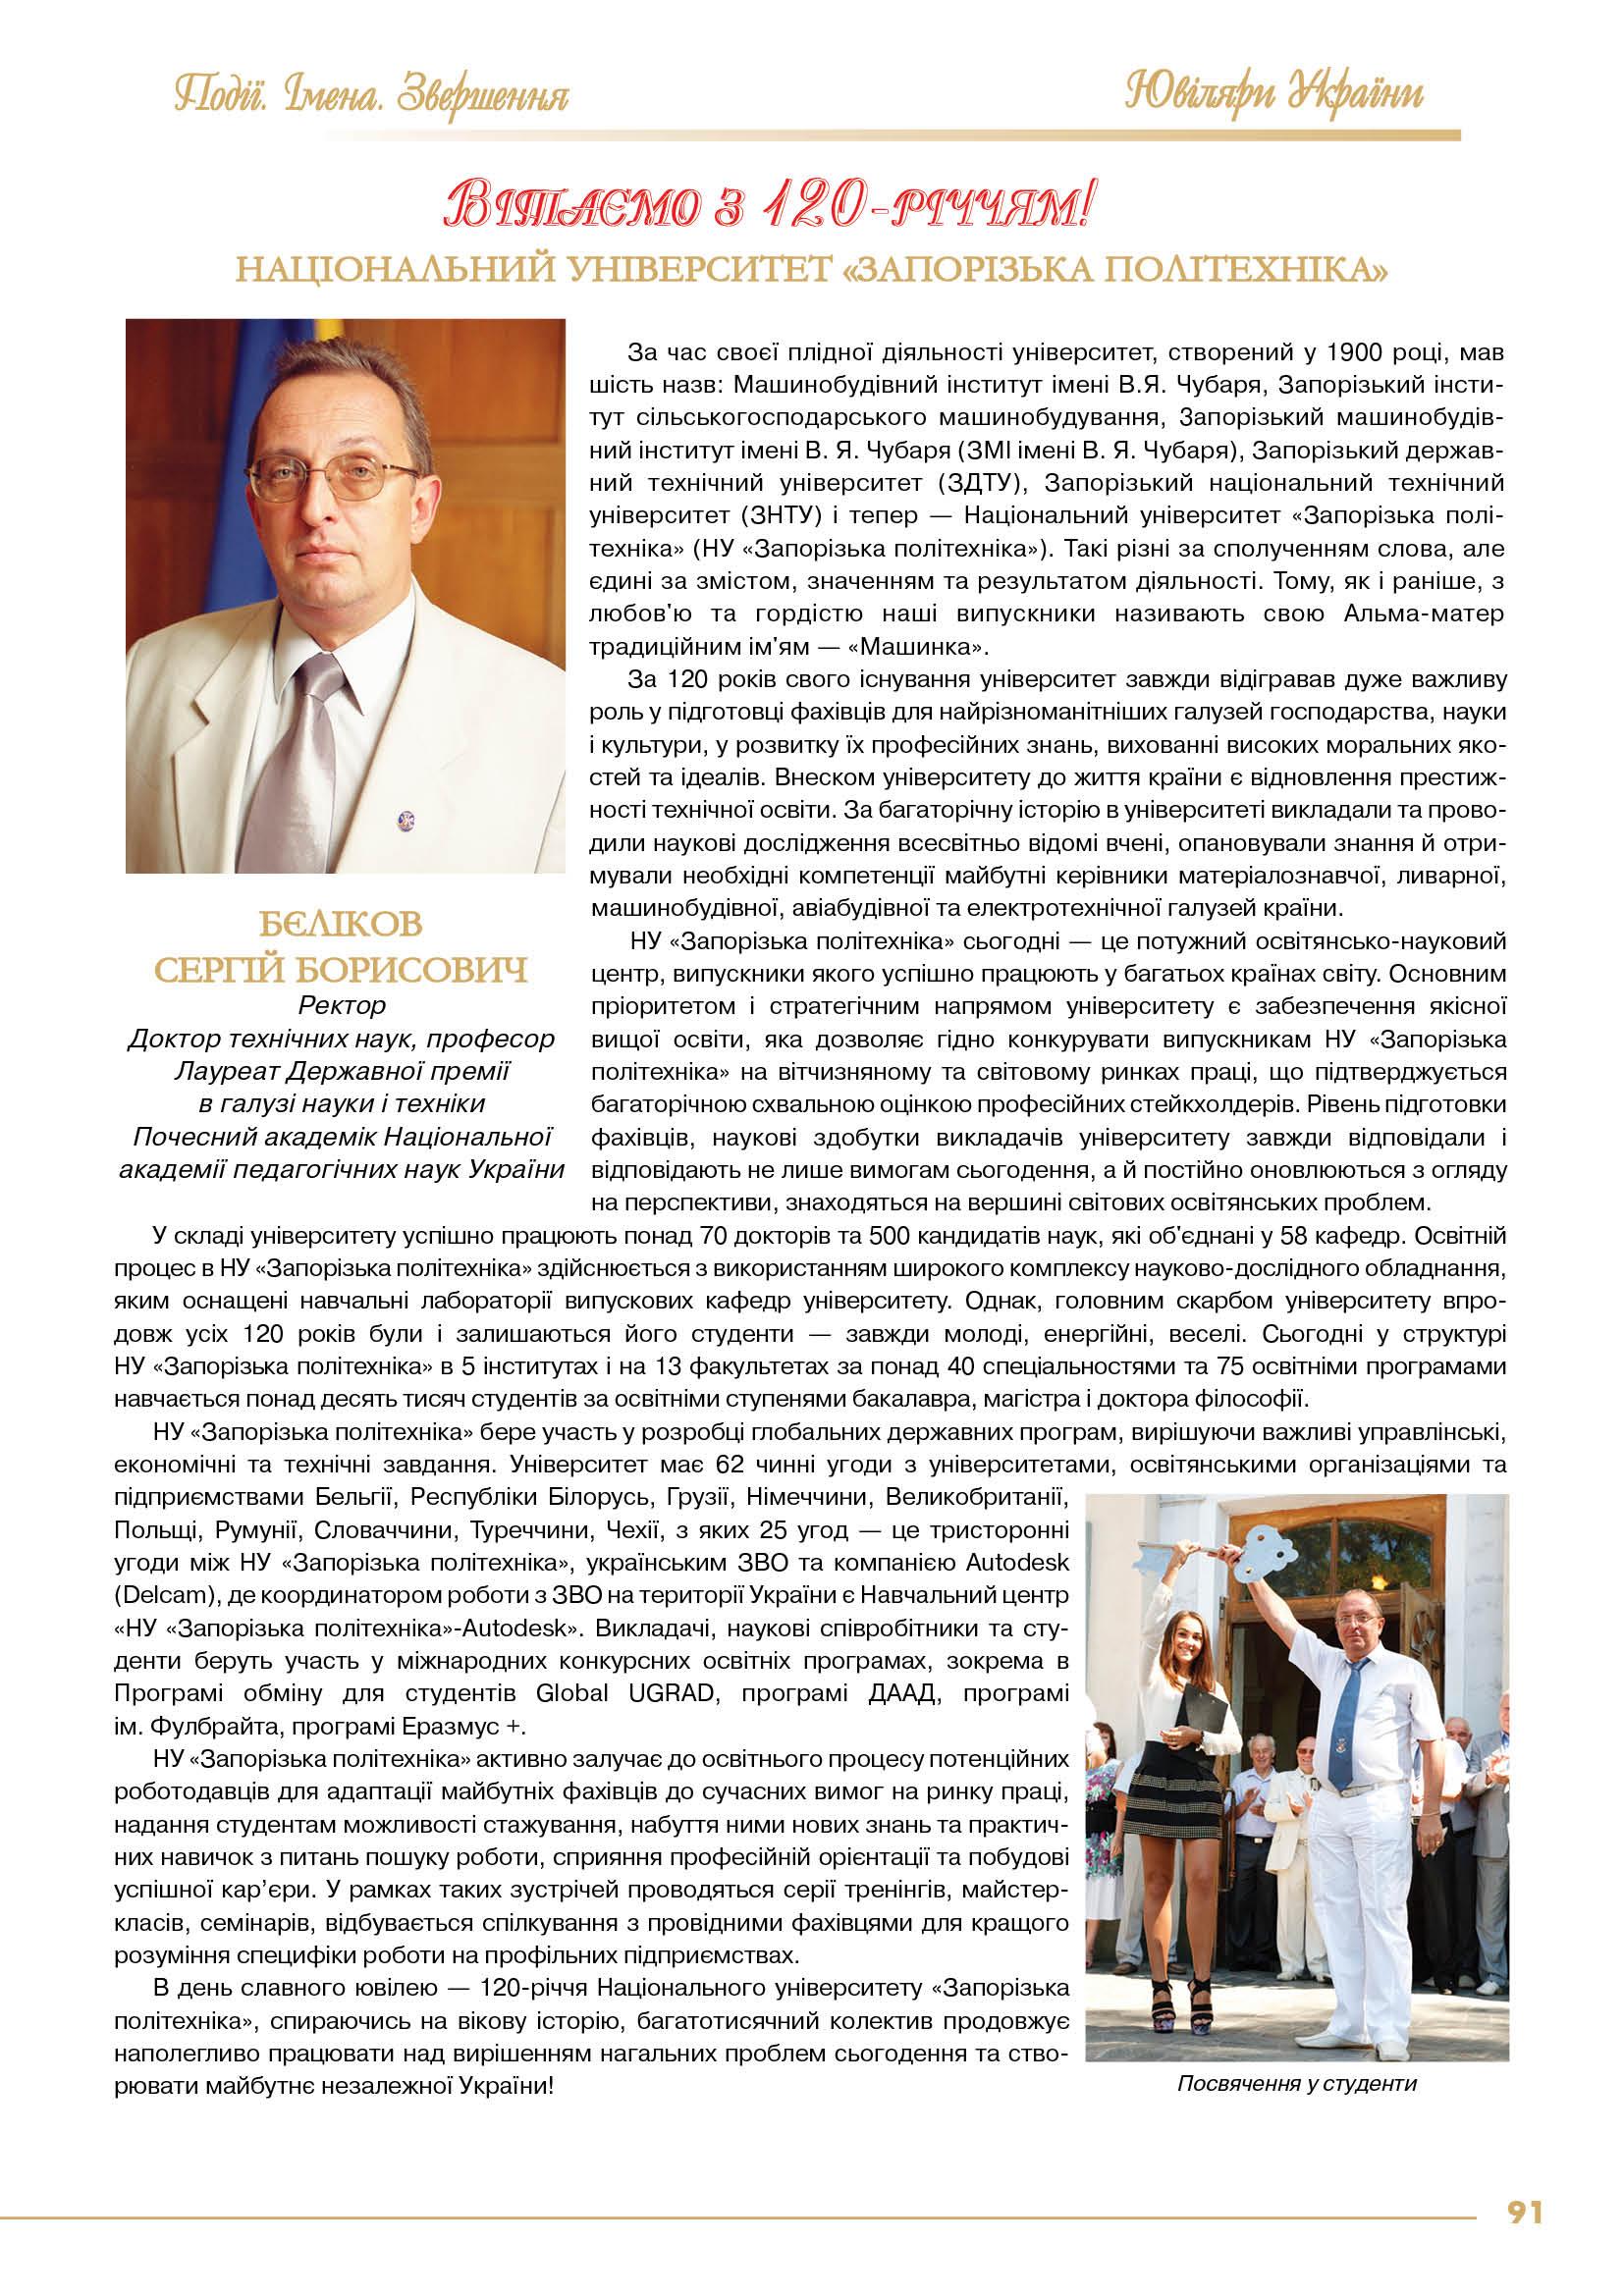 Національний університет «Запорізька Політехніка» - ректор Бєліков Сергій Борисович